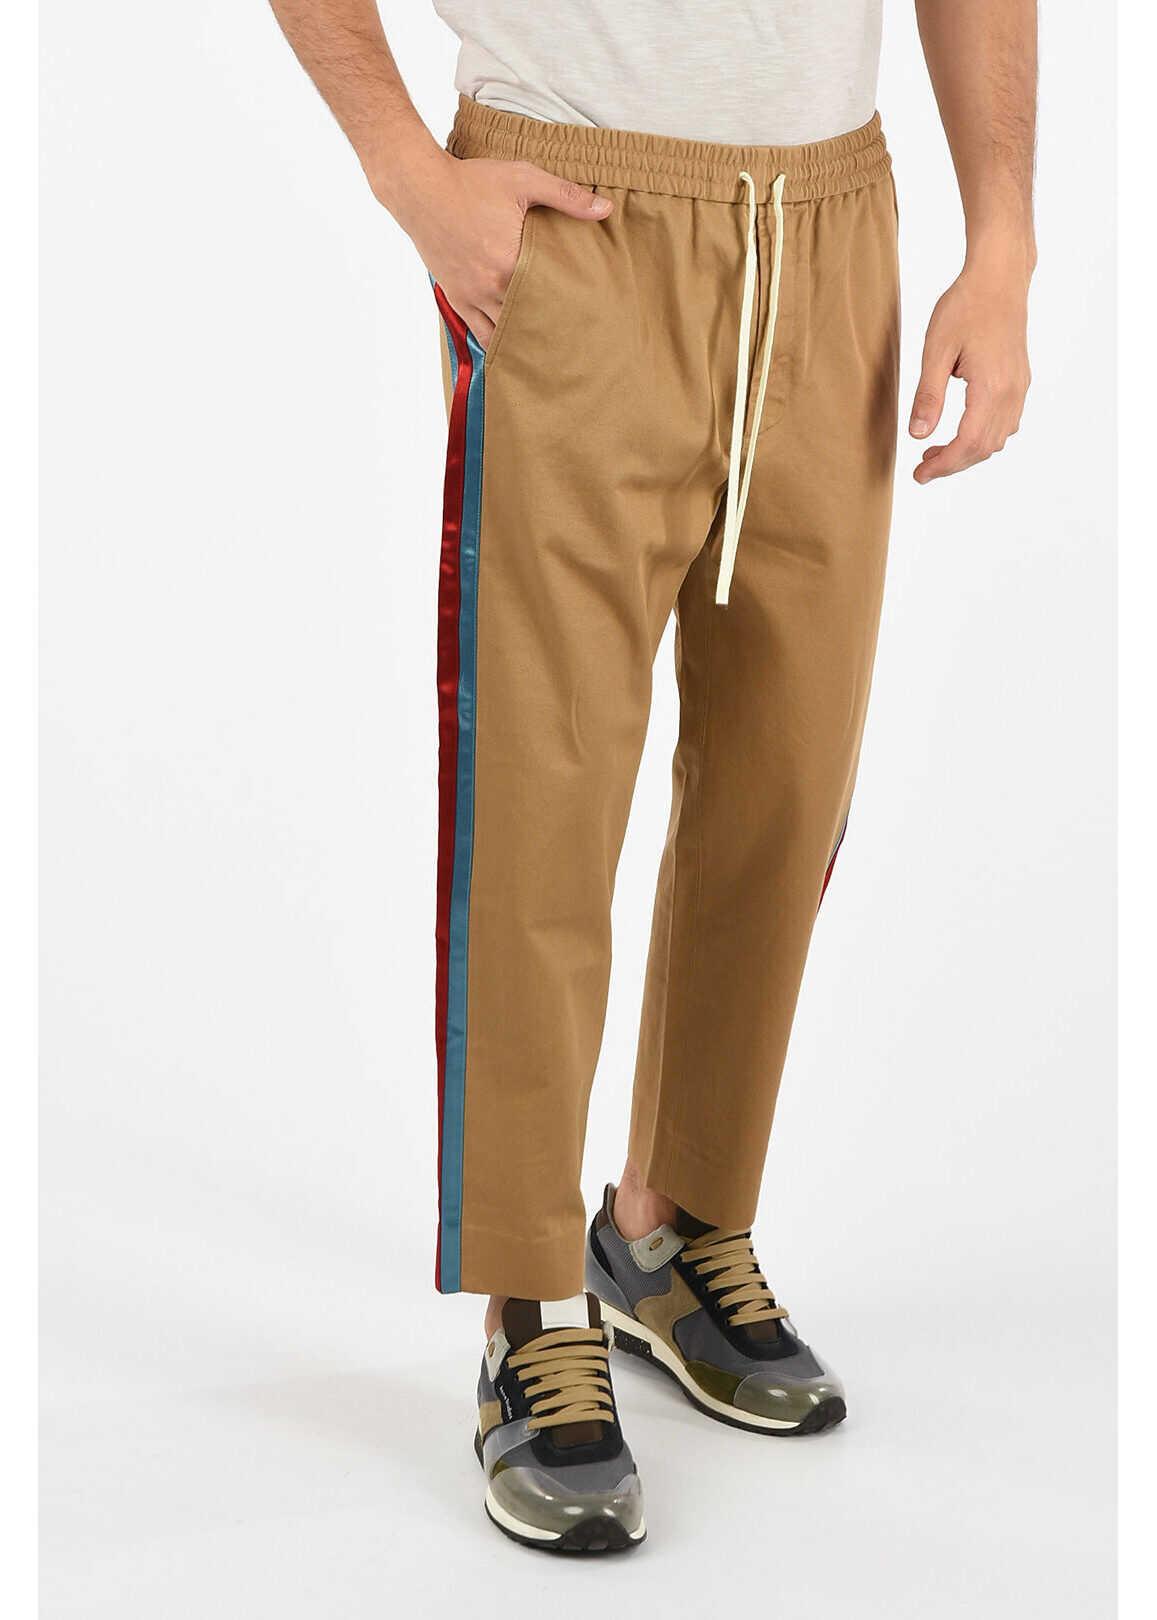 Gucci Drawstring Piping Pants BROWN